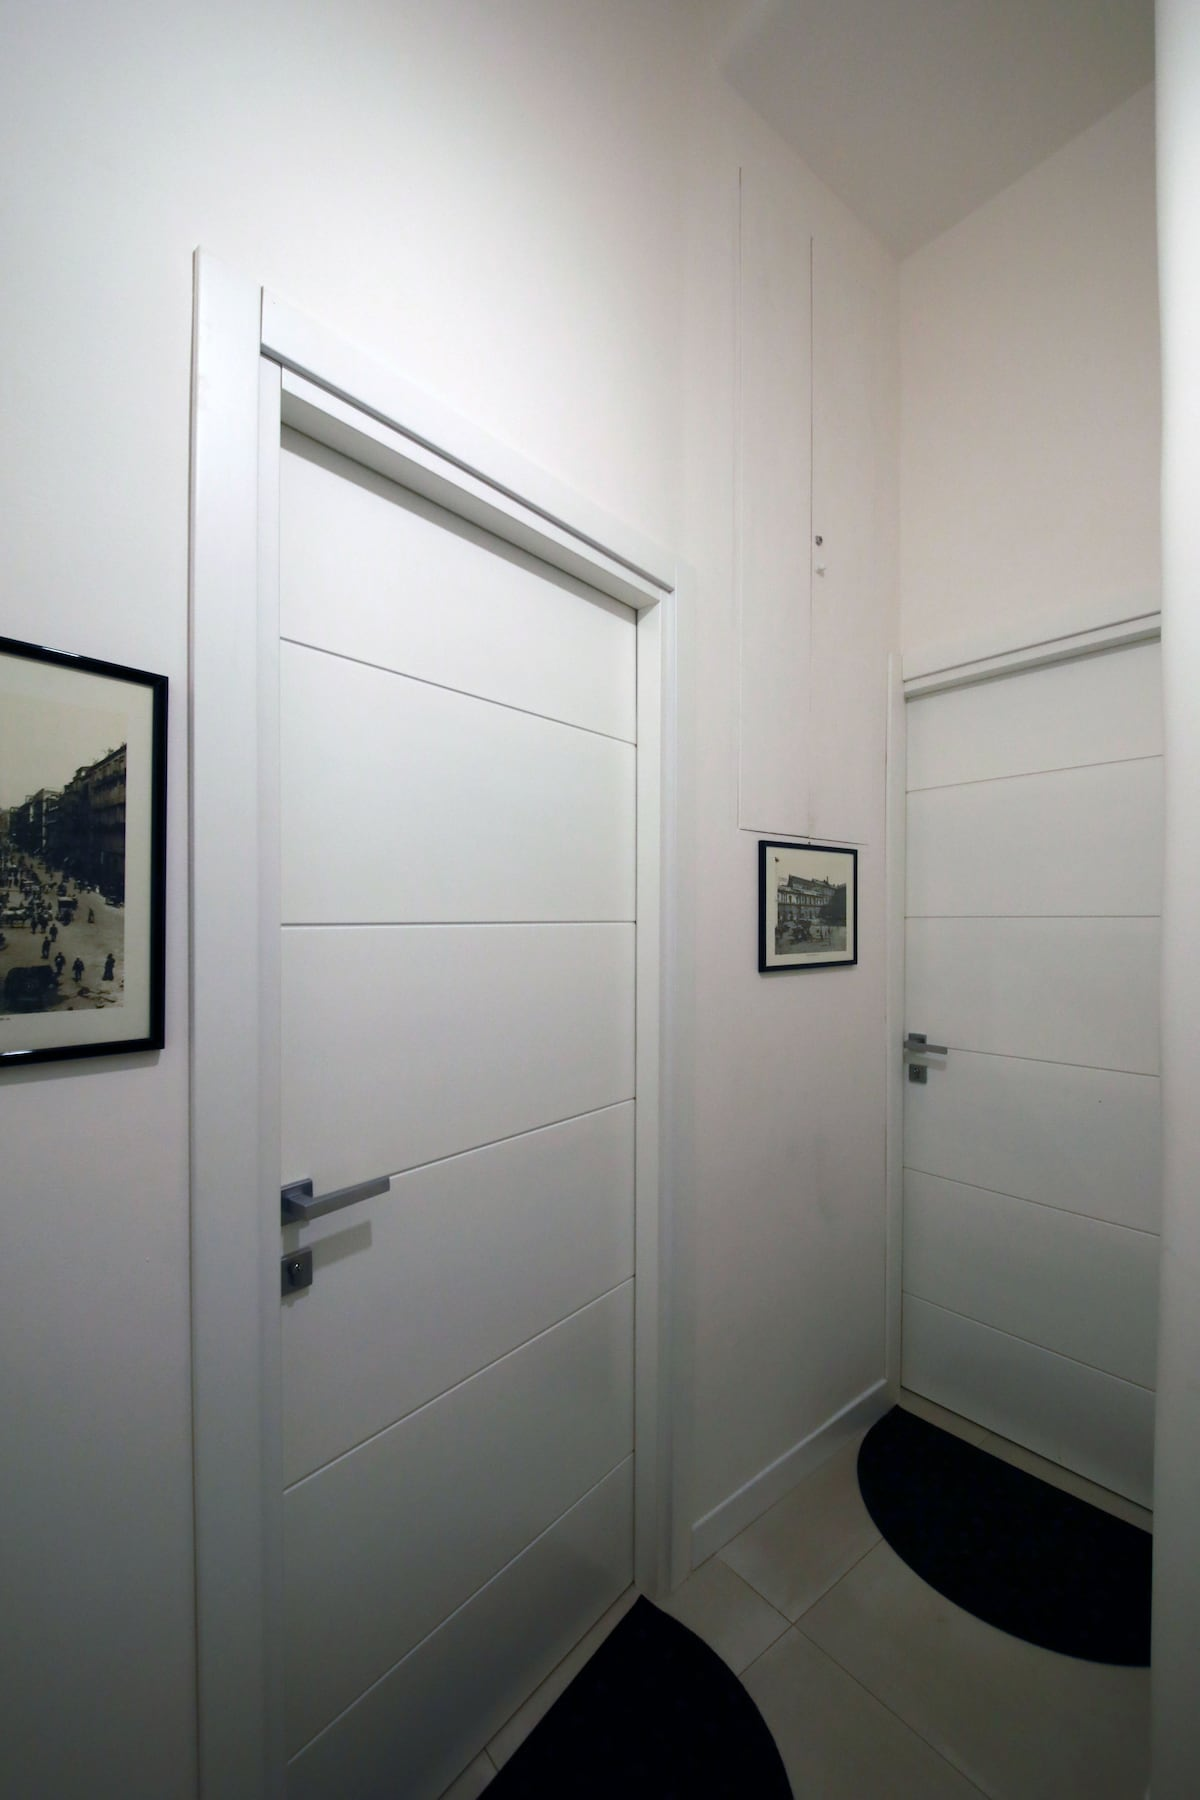 studio piazza amedeo n°2 - flats for rent in napoli, campania, italy - Zona Studio Nel Soggiorno 2